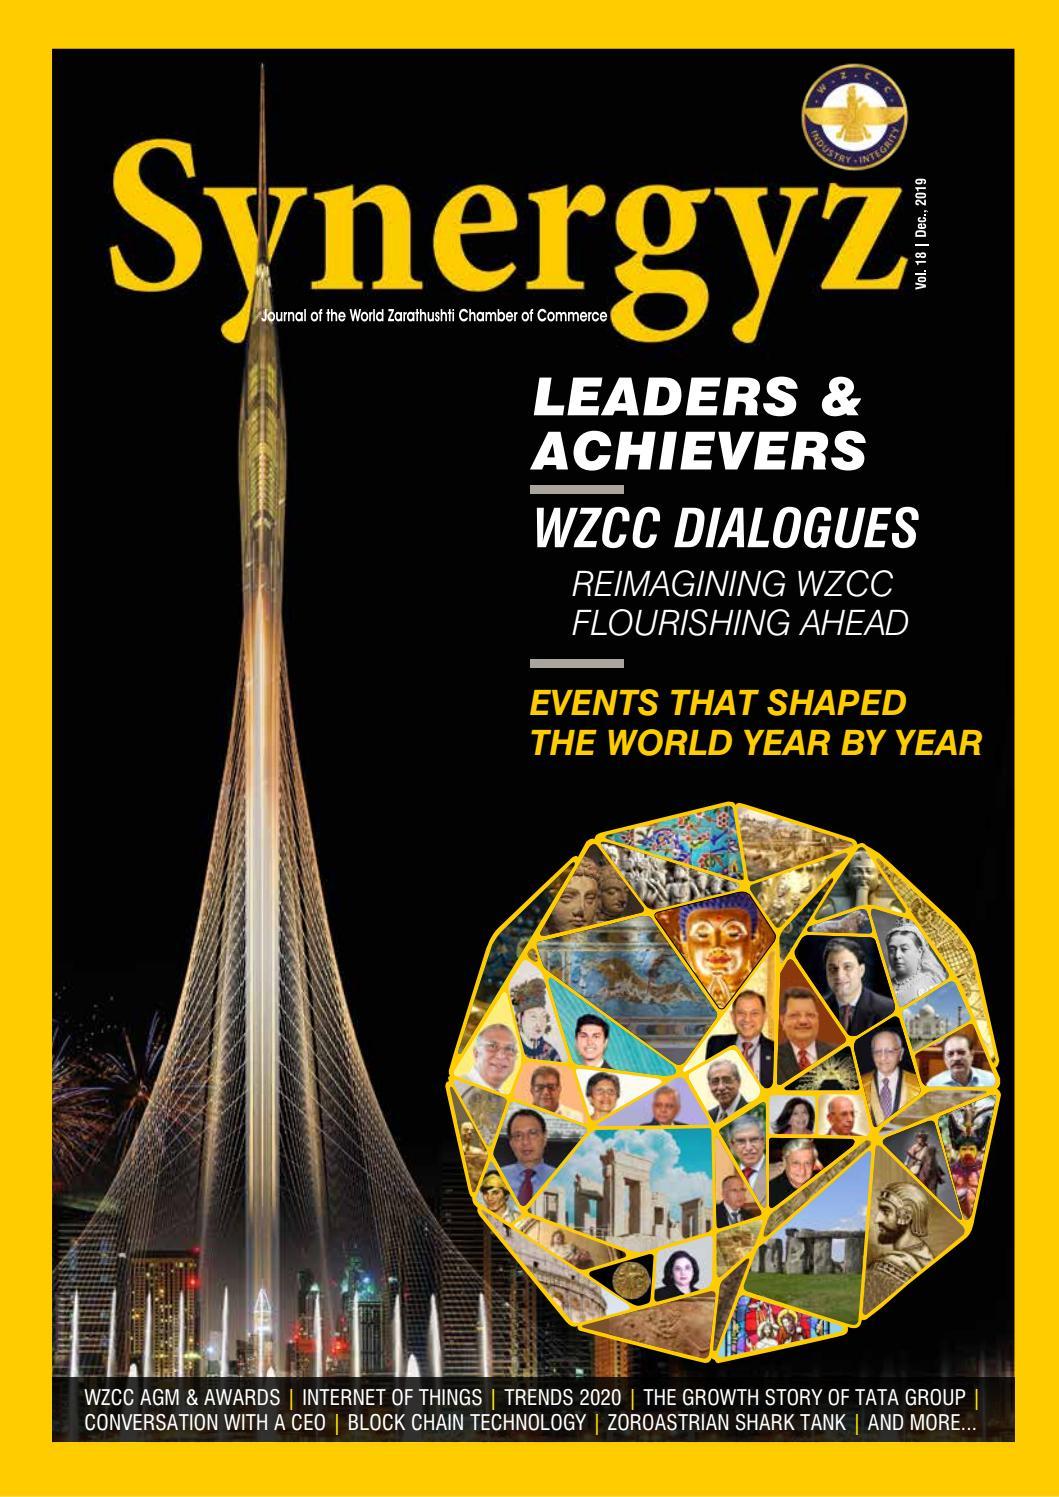 Synergyz Vol 18 Oct 2019 By On Lyne Issuu